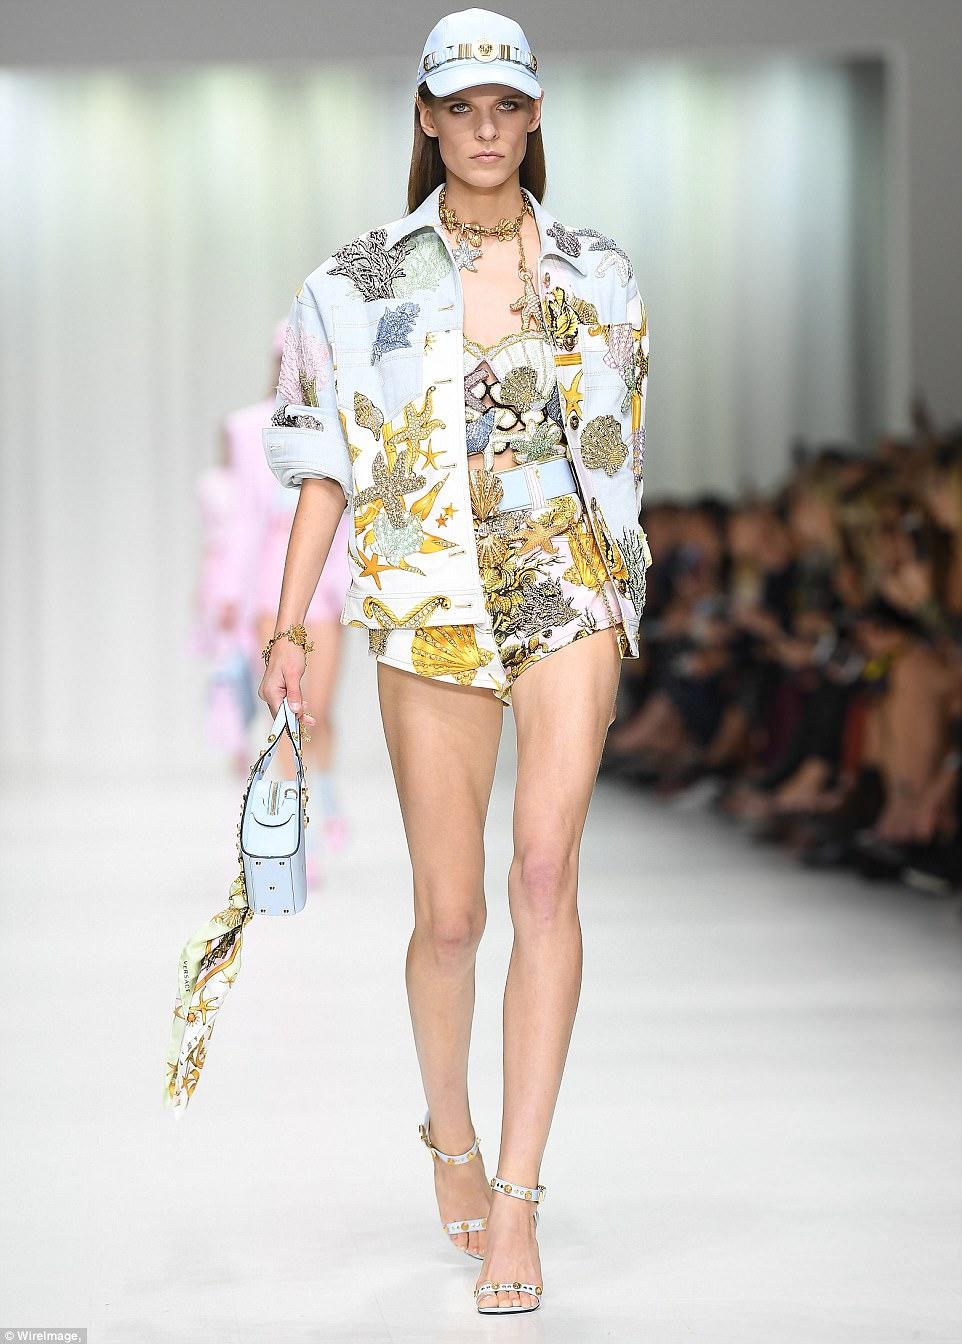 4499834800000578-4910978-Versace_Veteran_Norwegian_model_Kat_Hessen_Walked_the_Versace_in-a-22_1506157251319